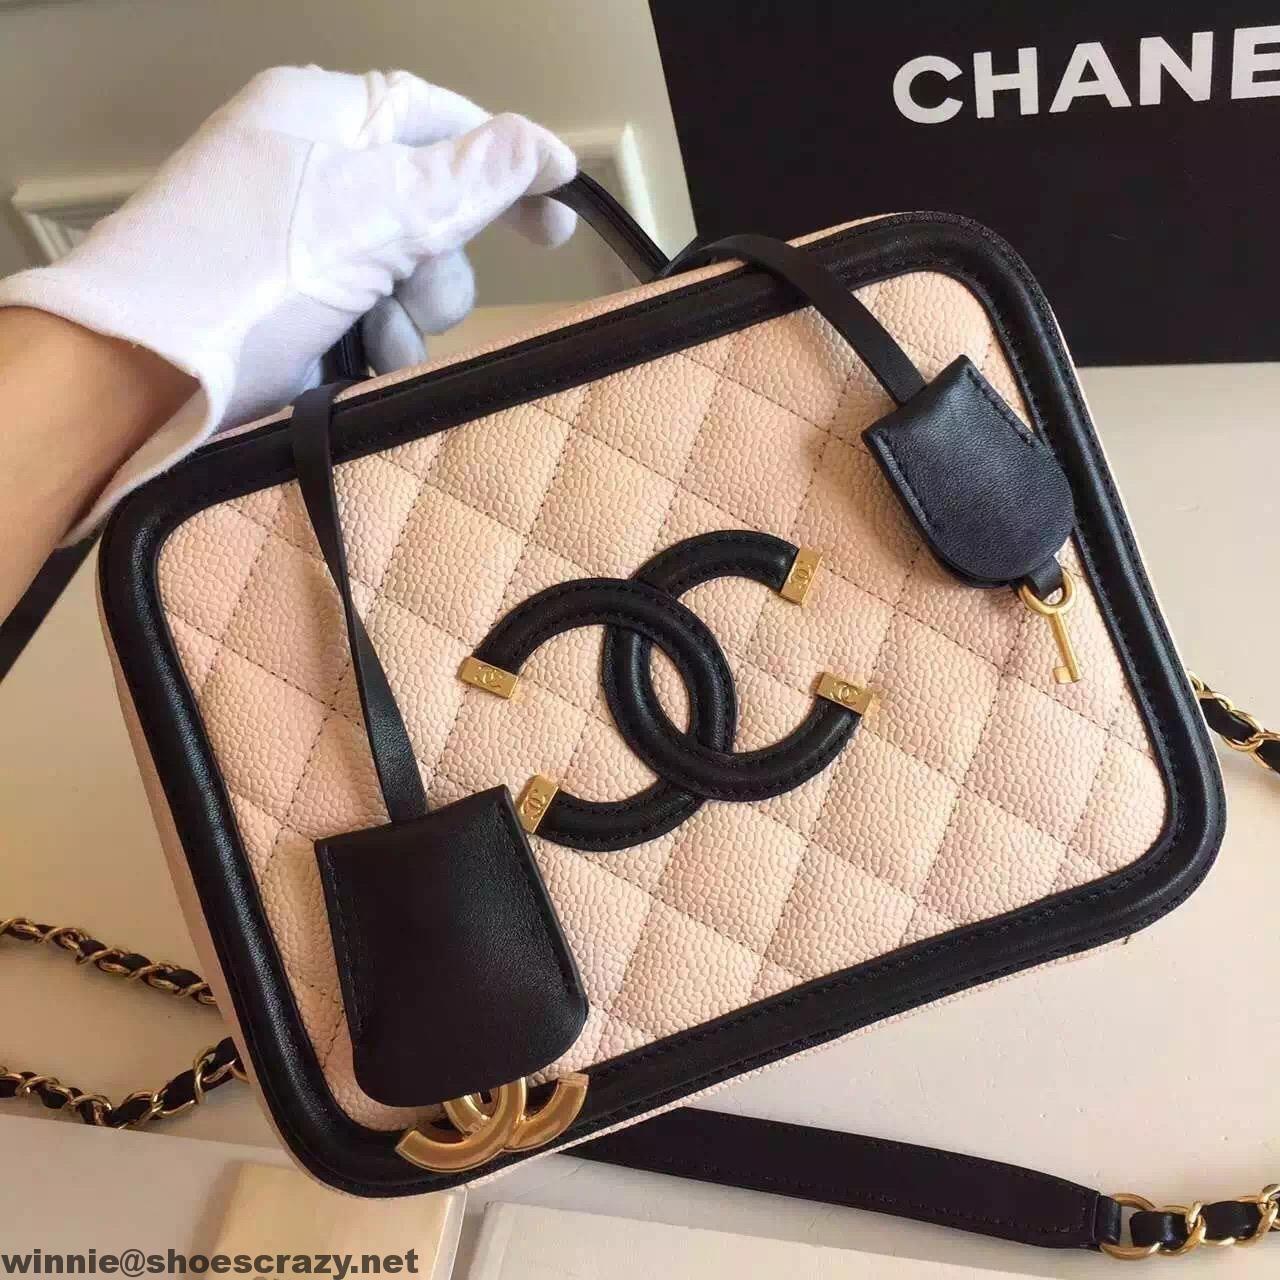 3cb62e22e7532d Chanel CC Filigree Small Vanity Case Small Bag | Chanel in 2019 ...